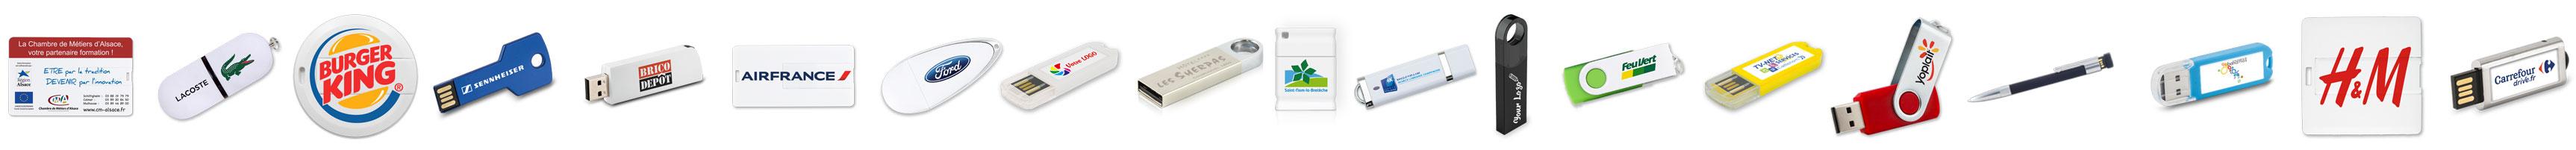 Clés USB personnalisées à votre logo